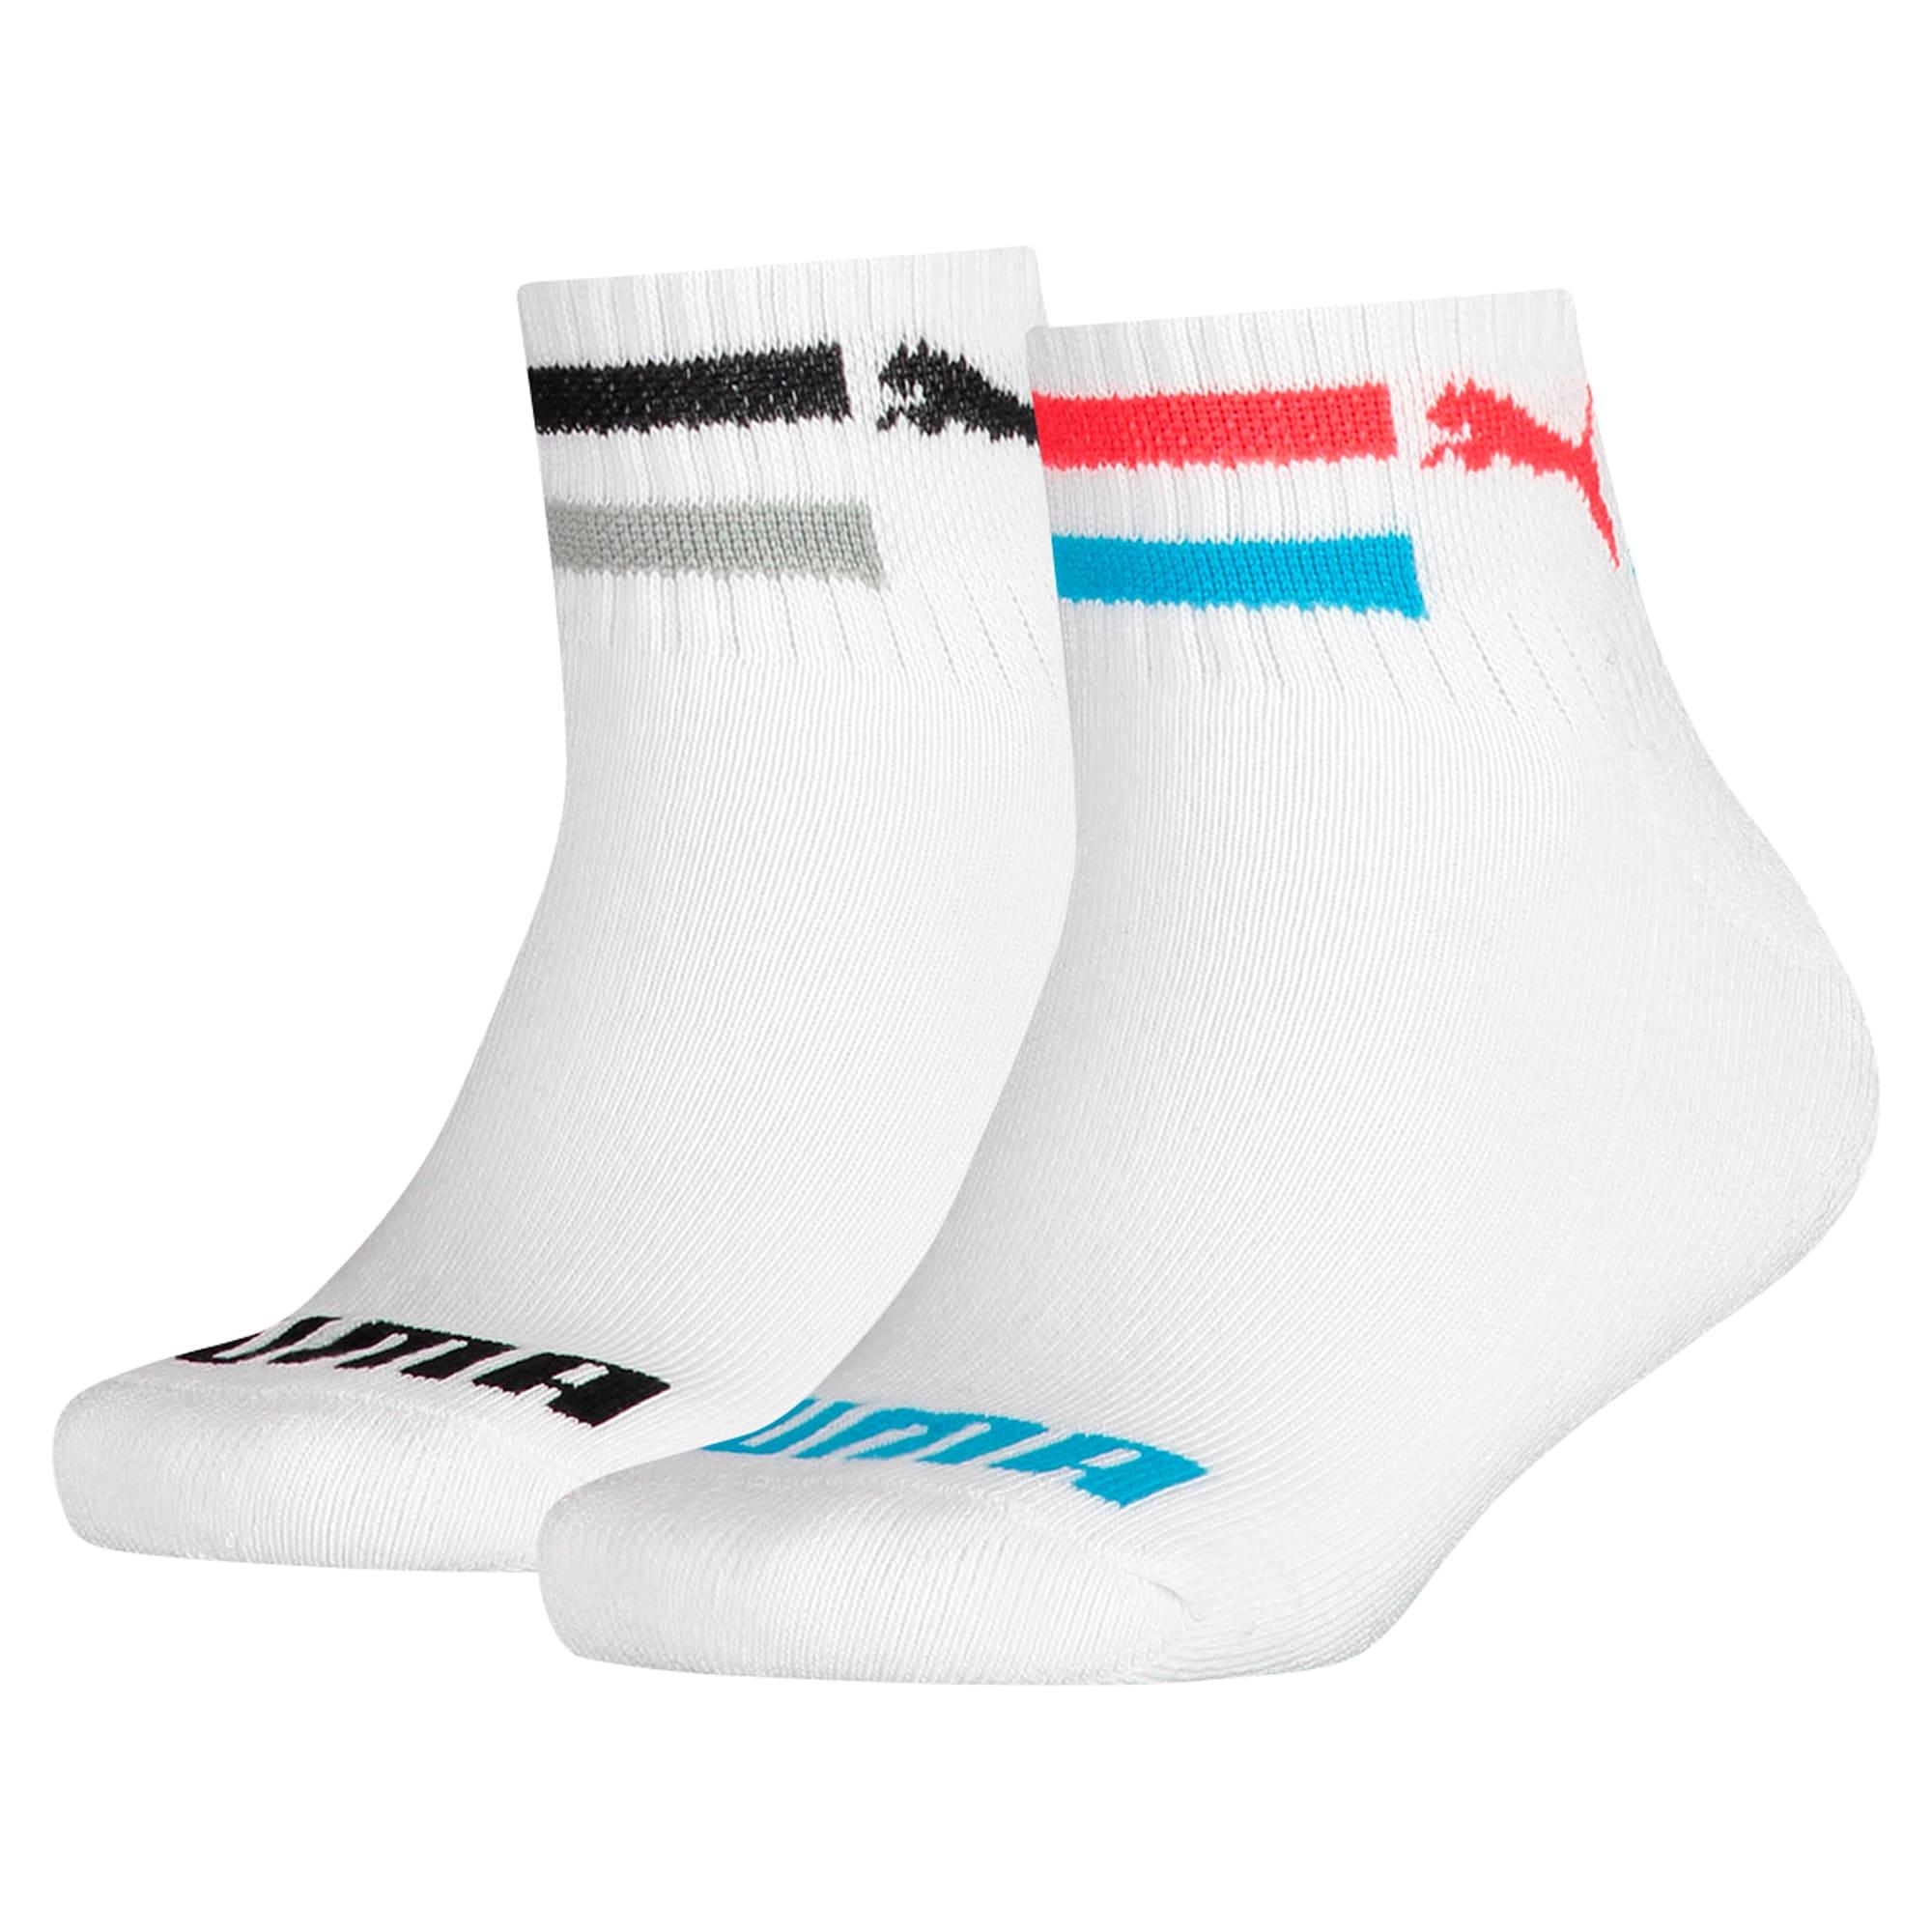 Puma Quarter Clyde 2P Childrens Socks